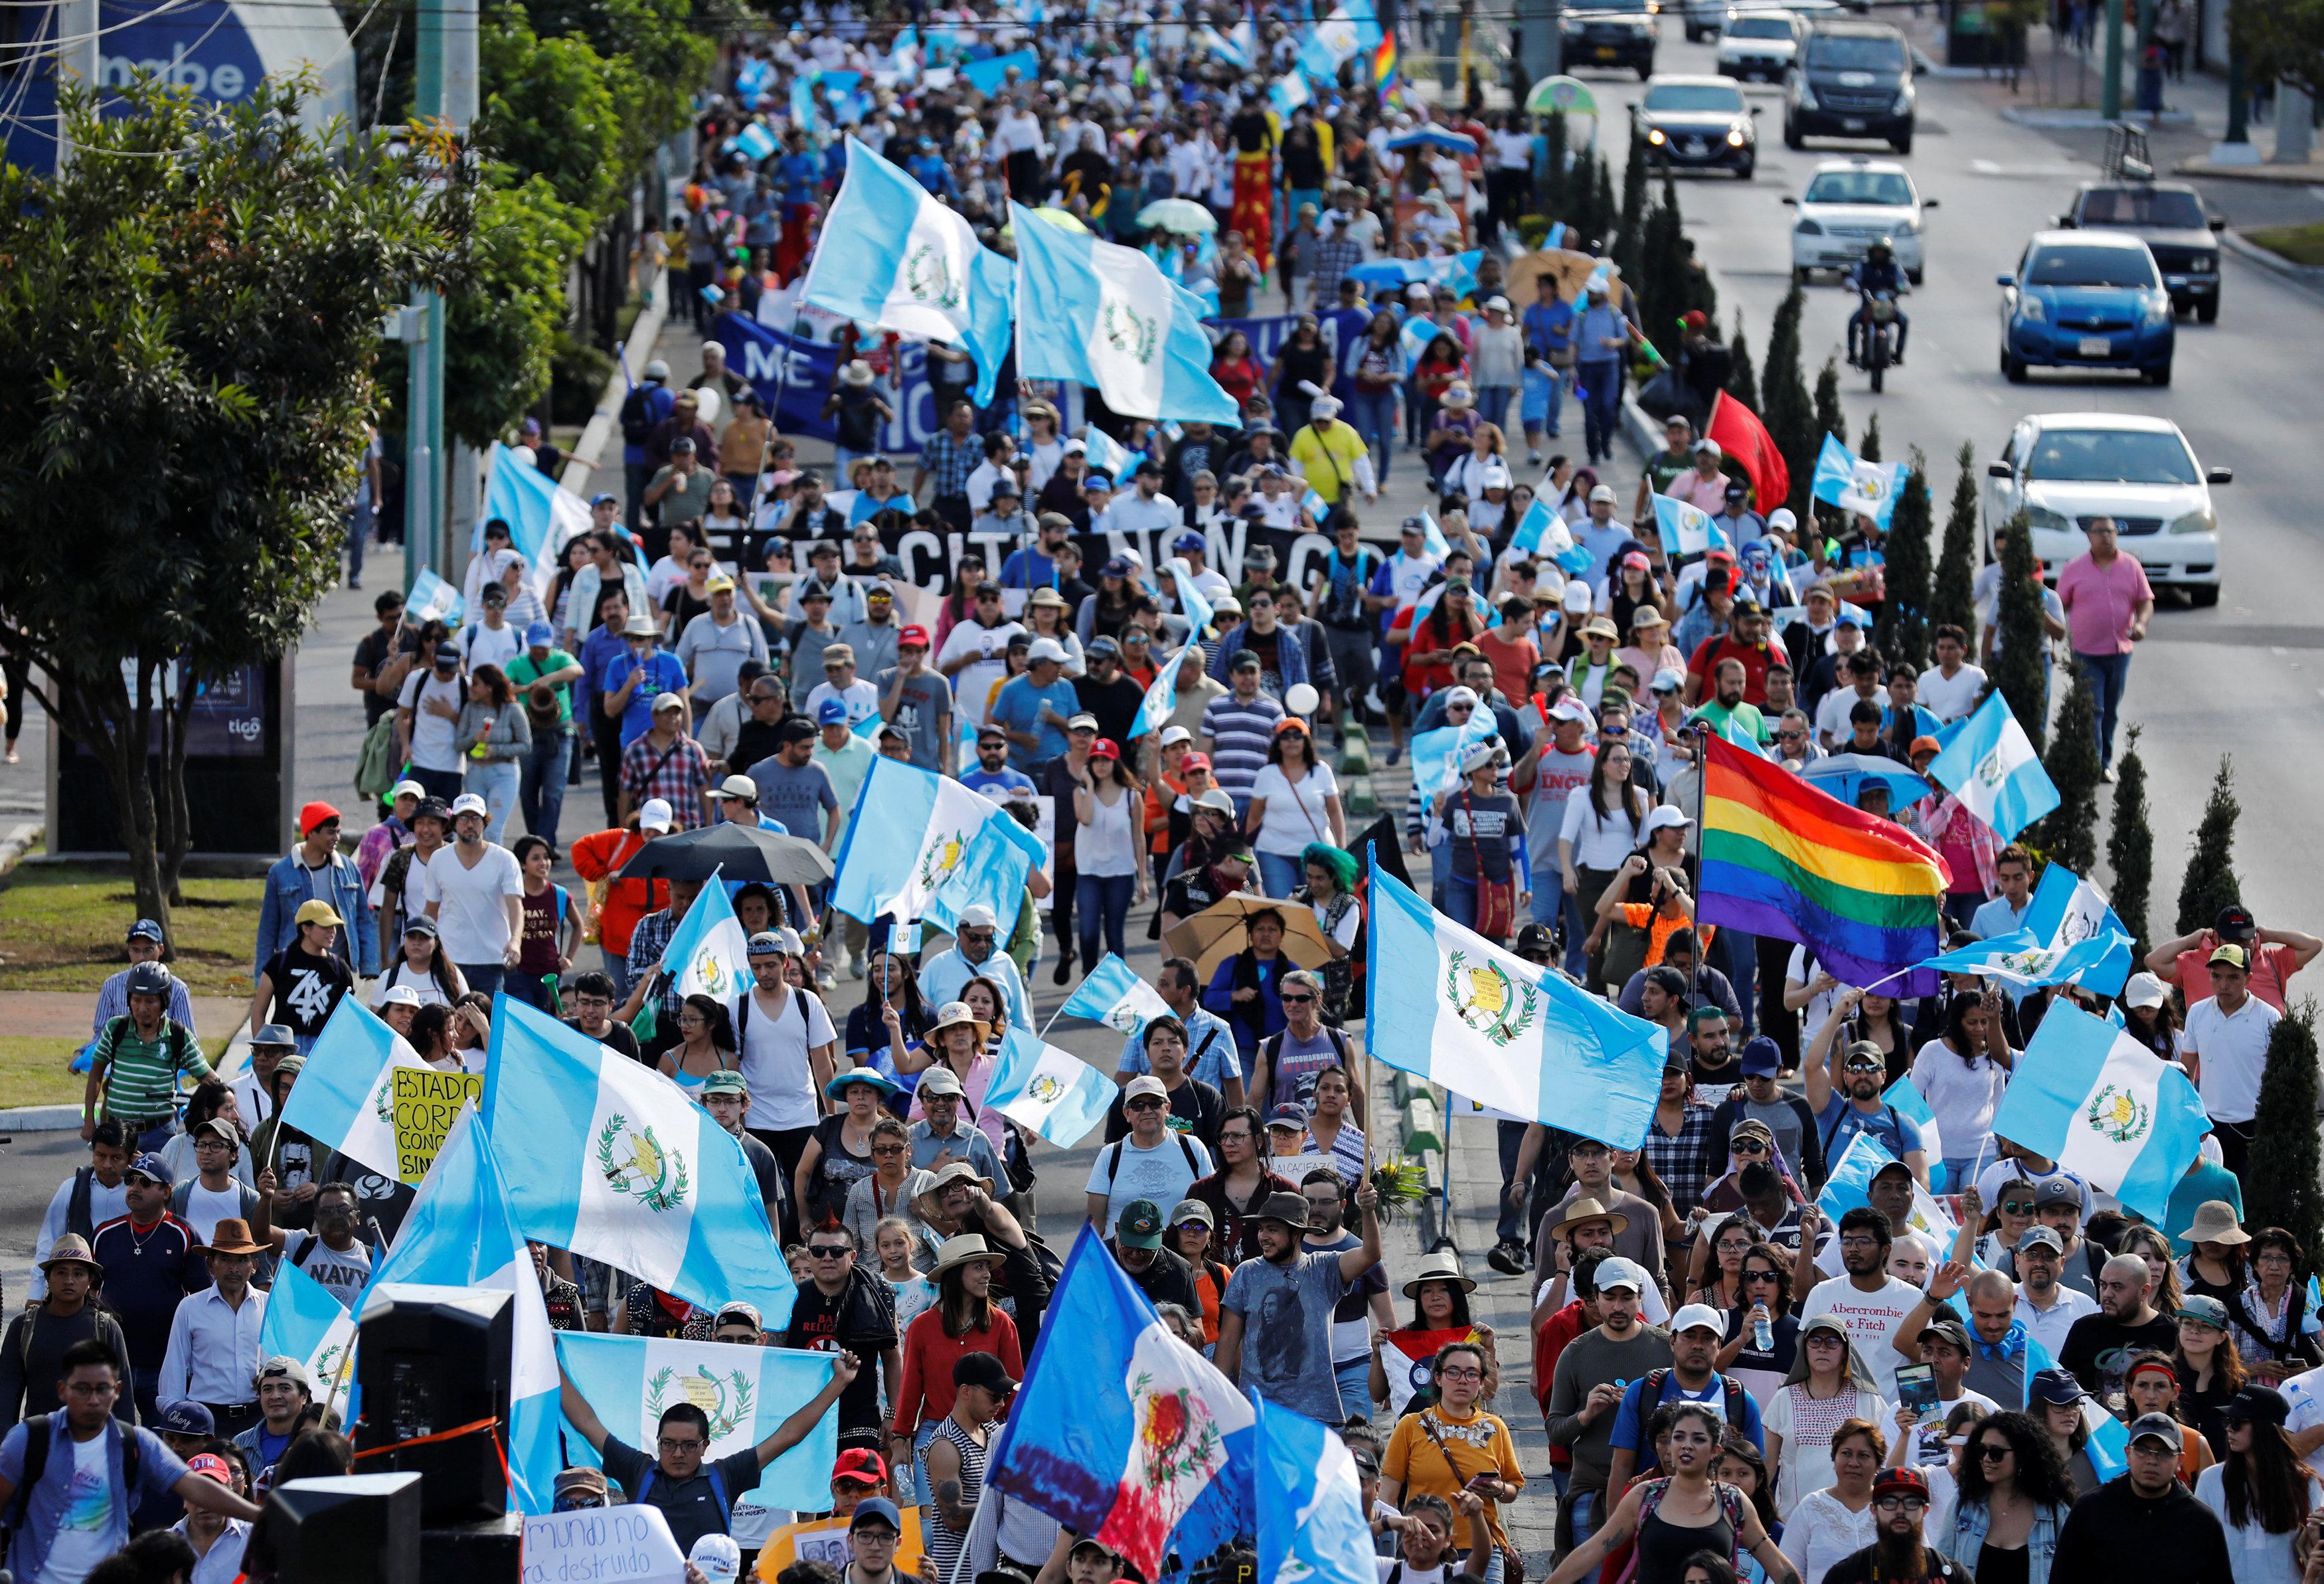 احتجاجات حاشدة فى جواتيمالا ضد الفساد (1)